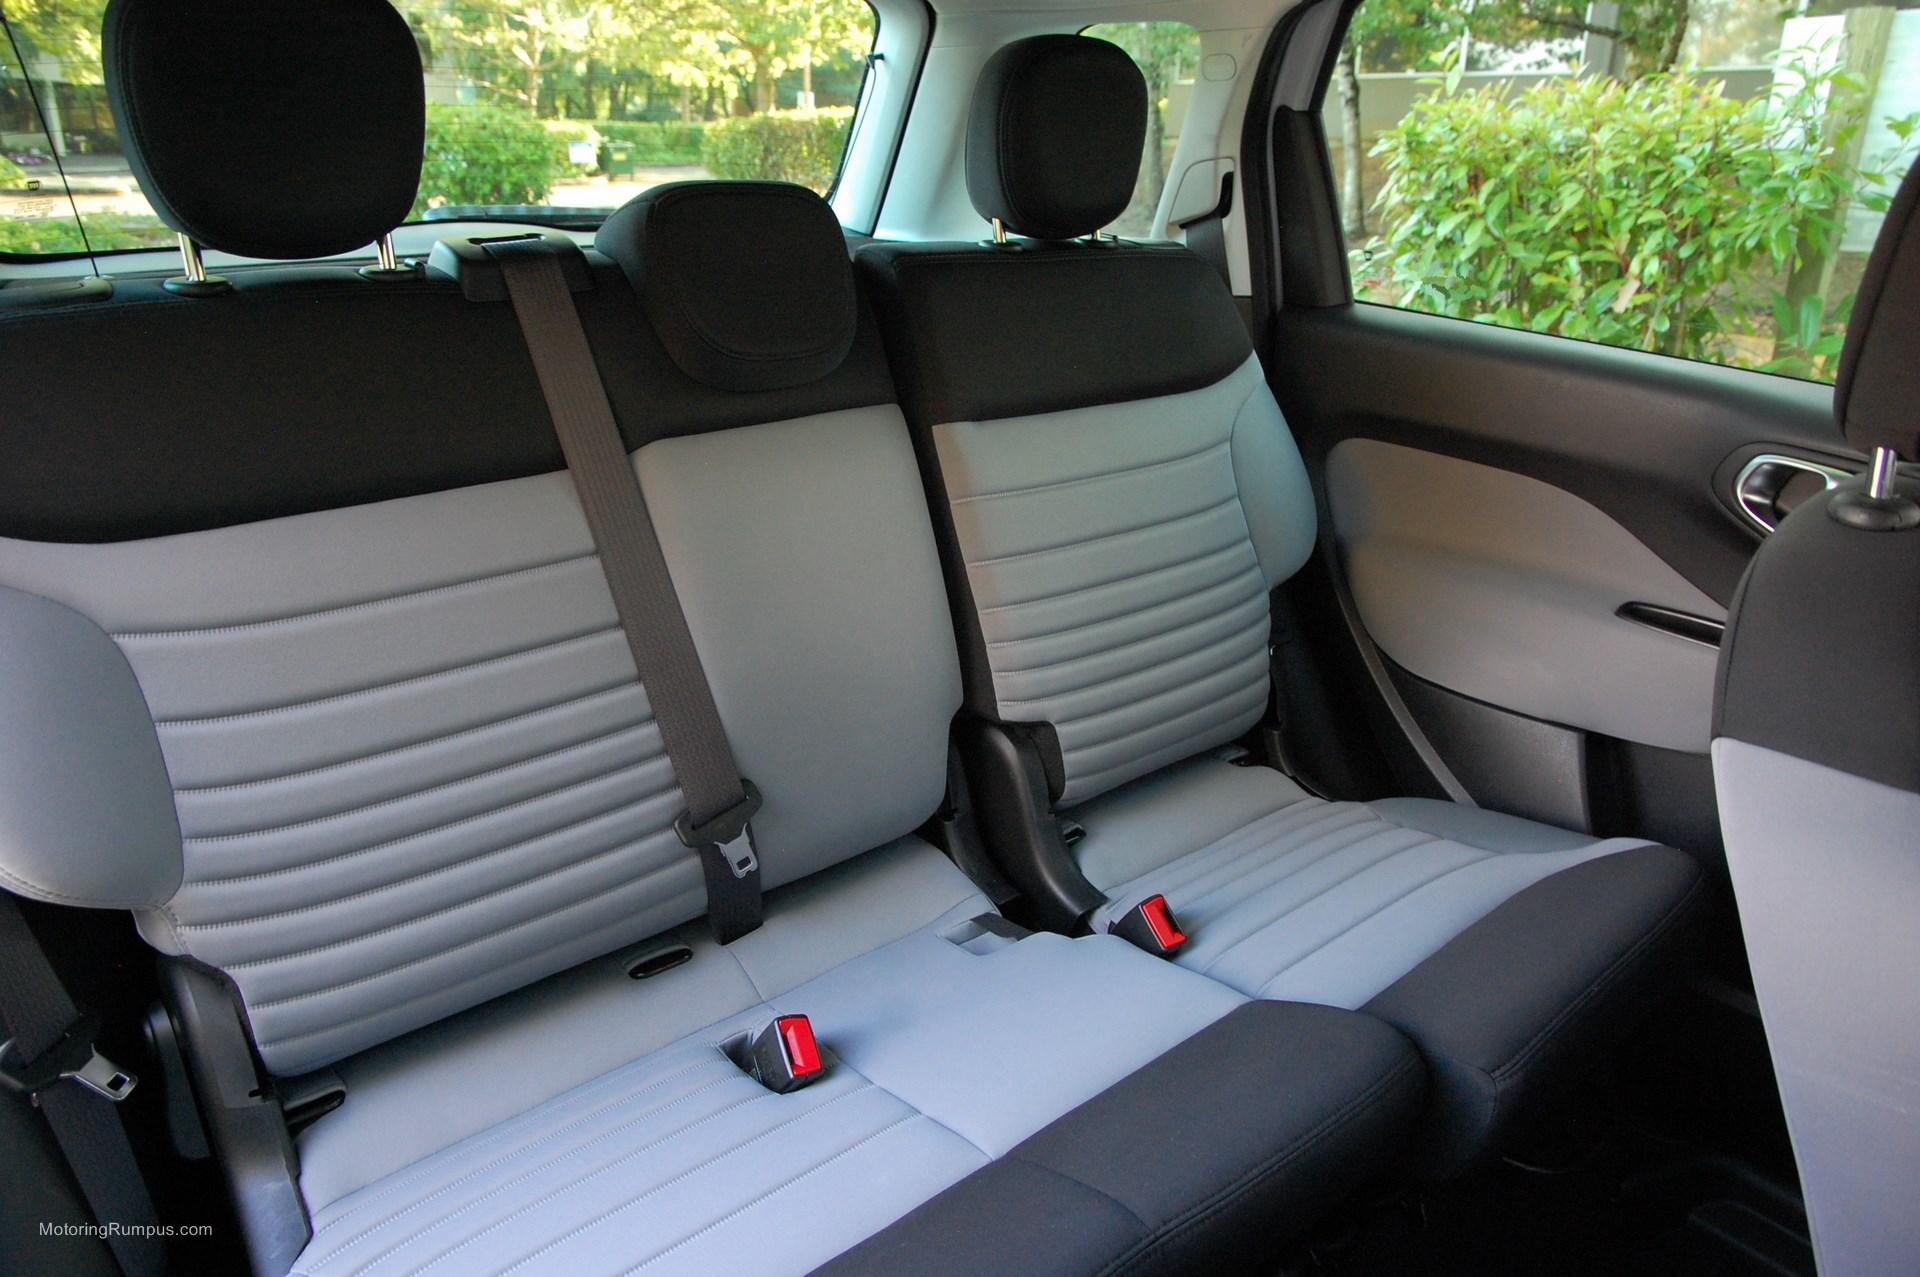 2014 FIAT 500L Rear Seats